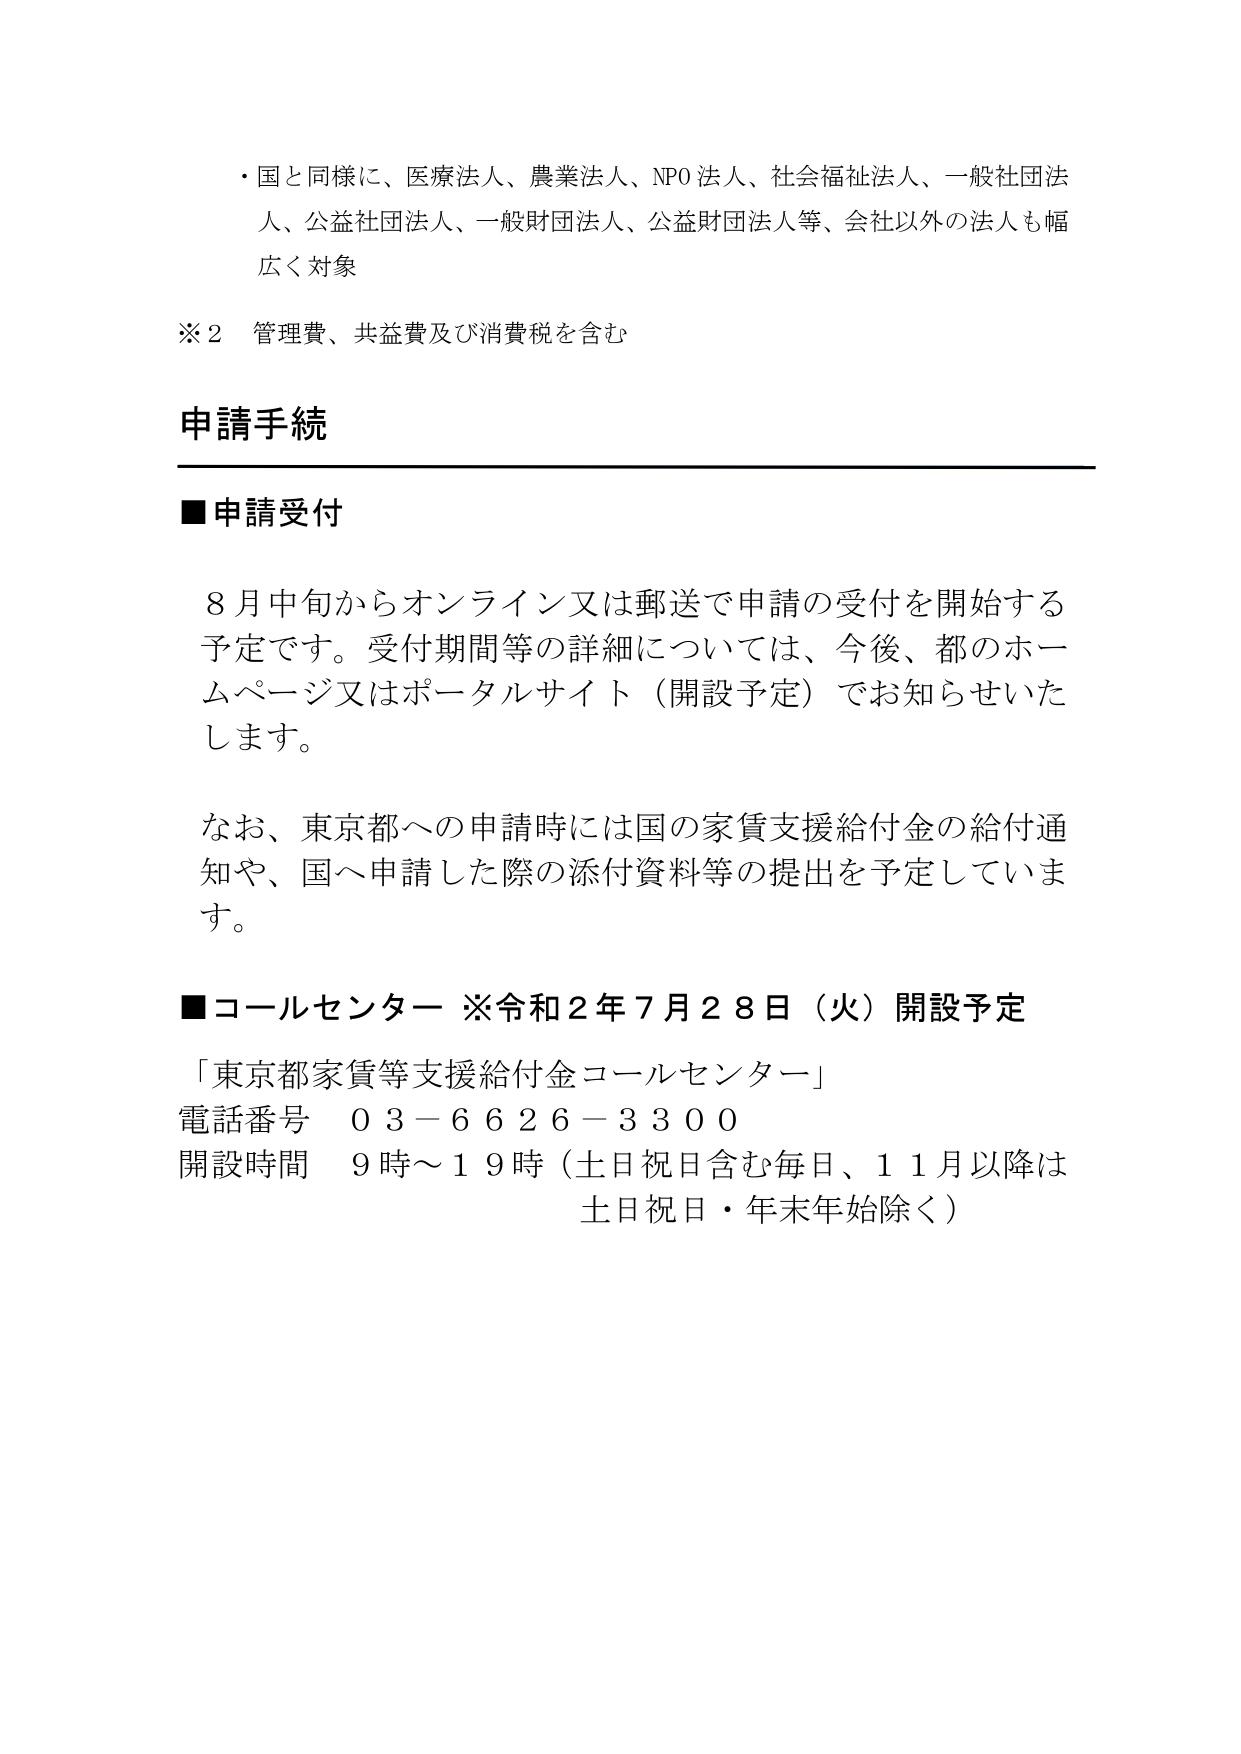 家賃 支援 給付 金 東京